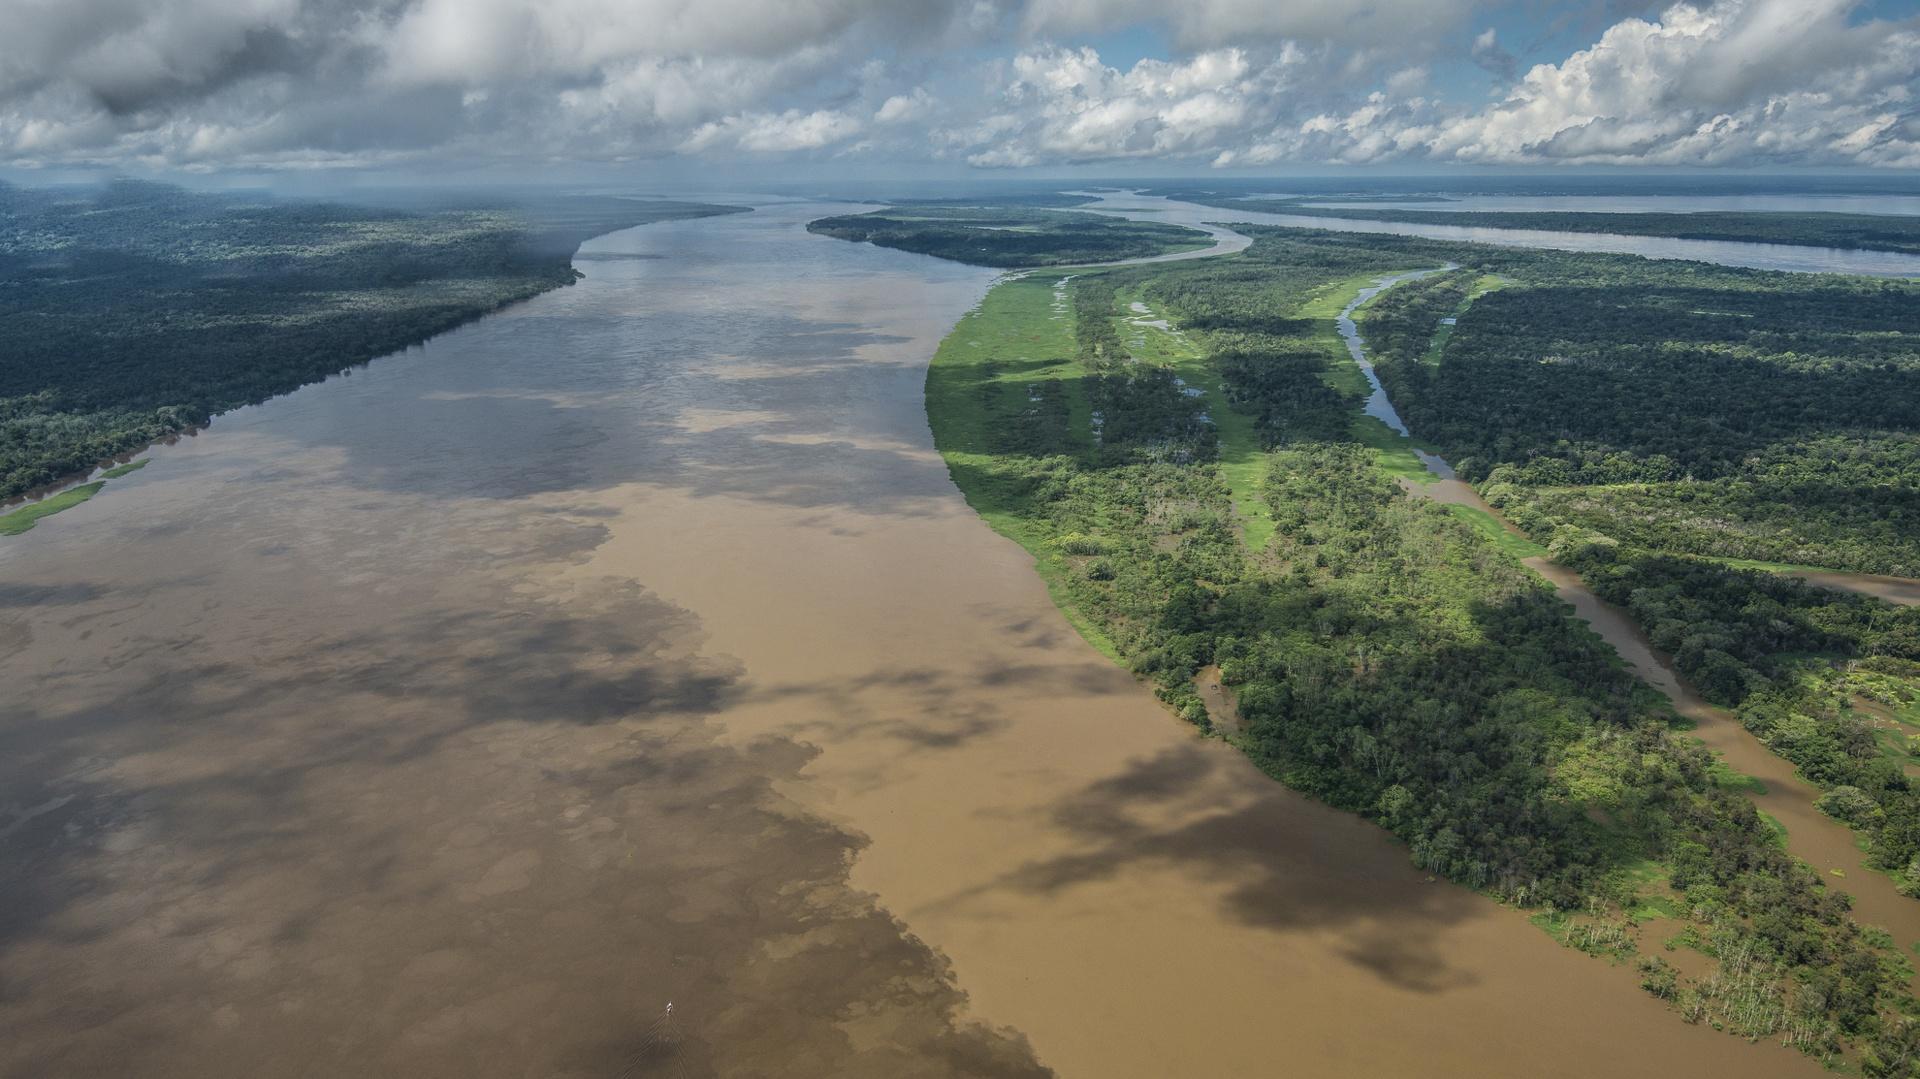 8 Tage Reisebaustein - Schiffsexpedition Jau in Kleingruppe auf dem Amazonas in Brasilien